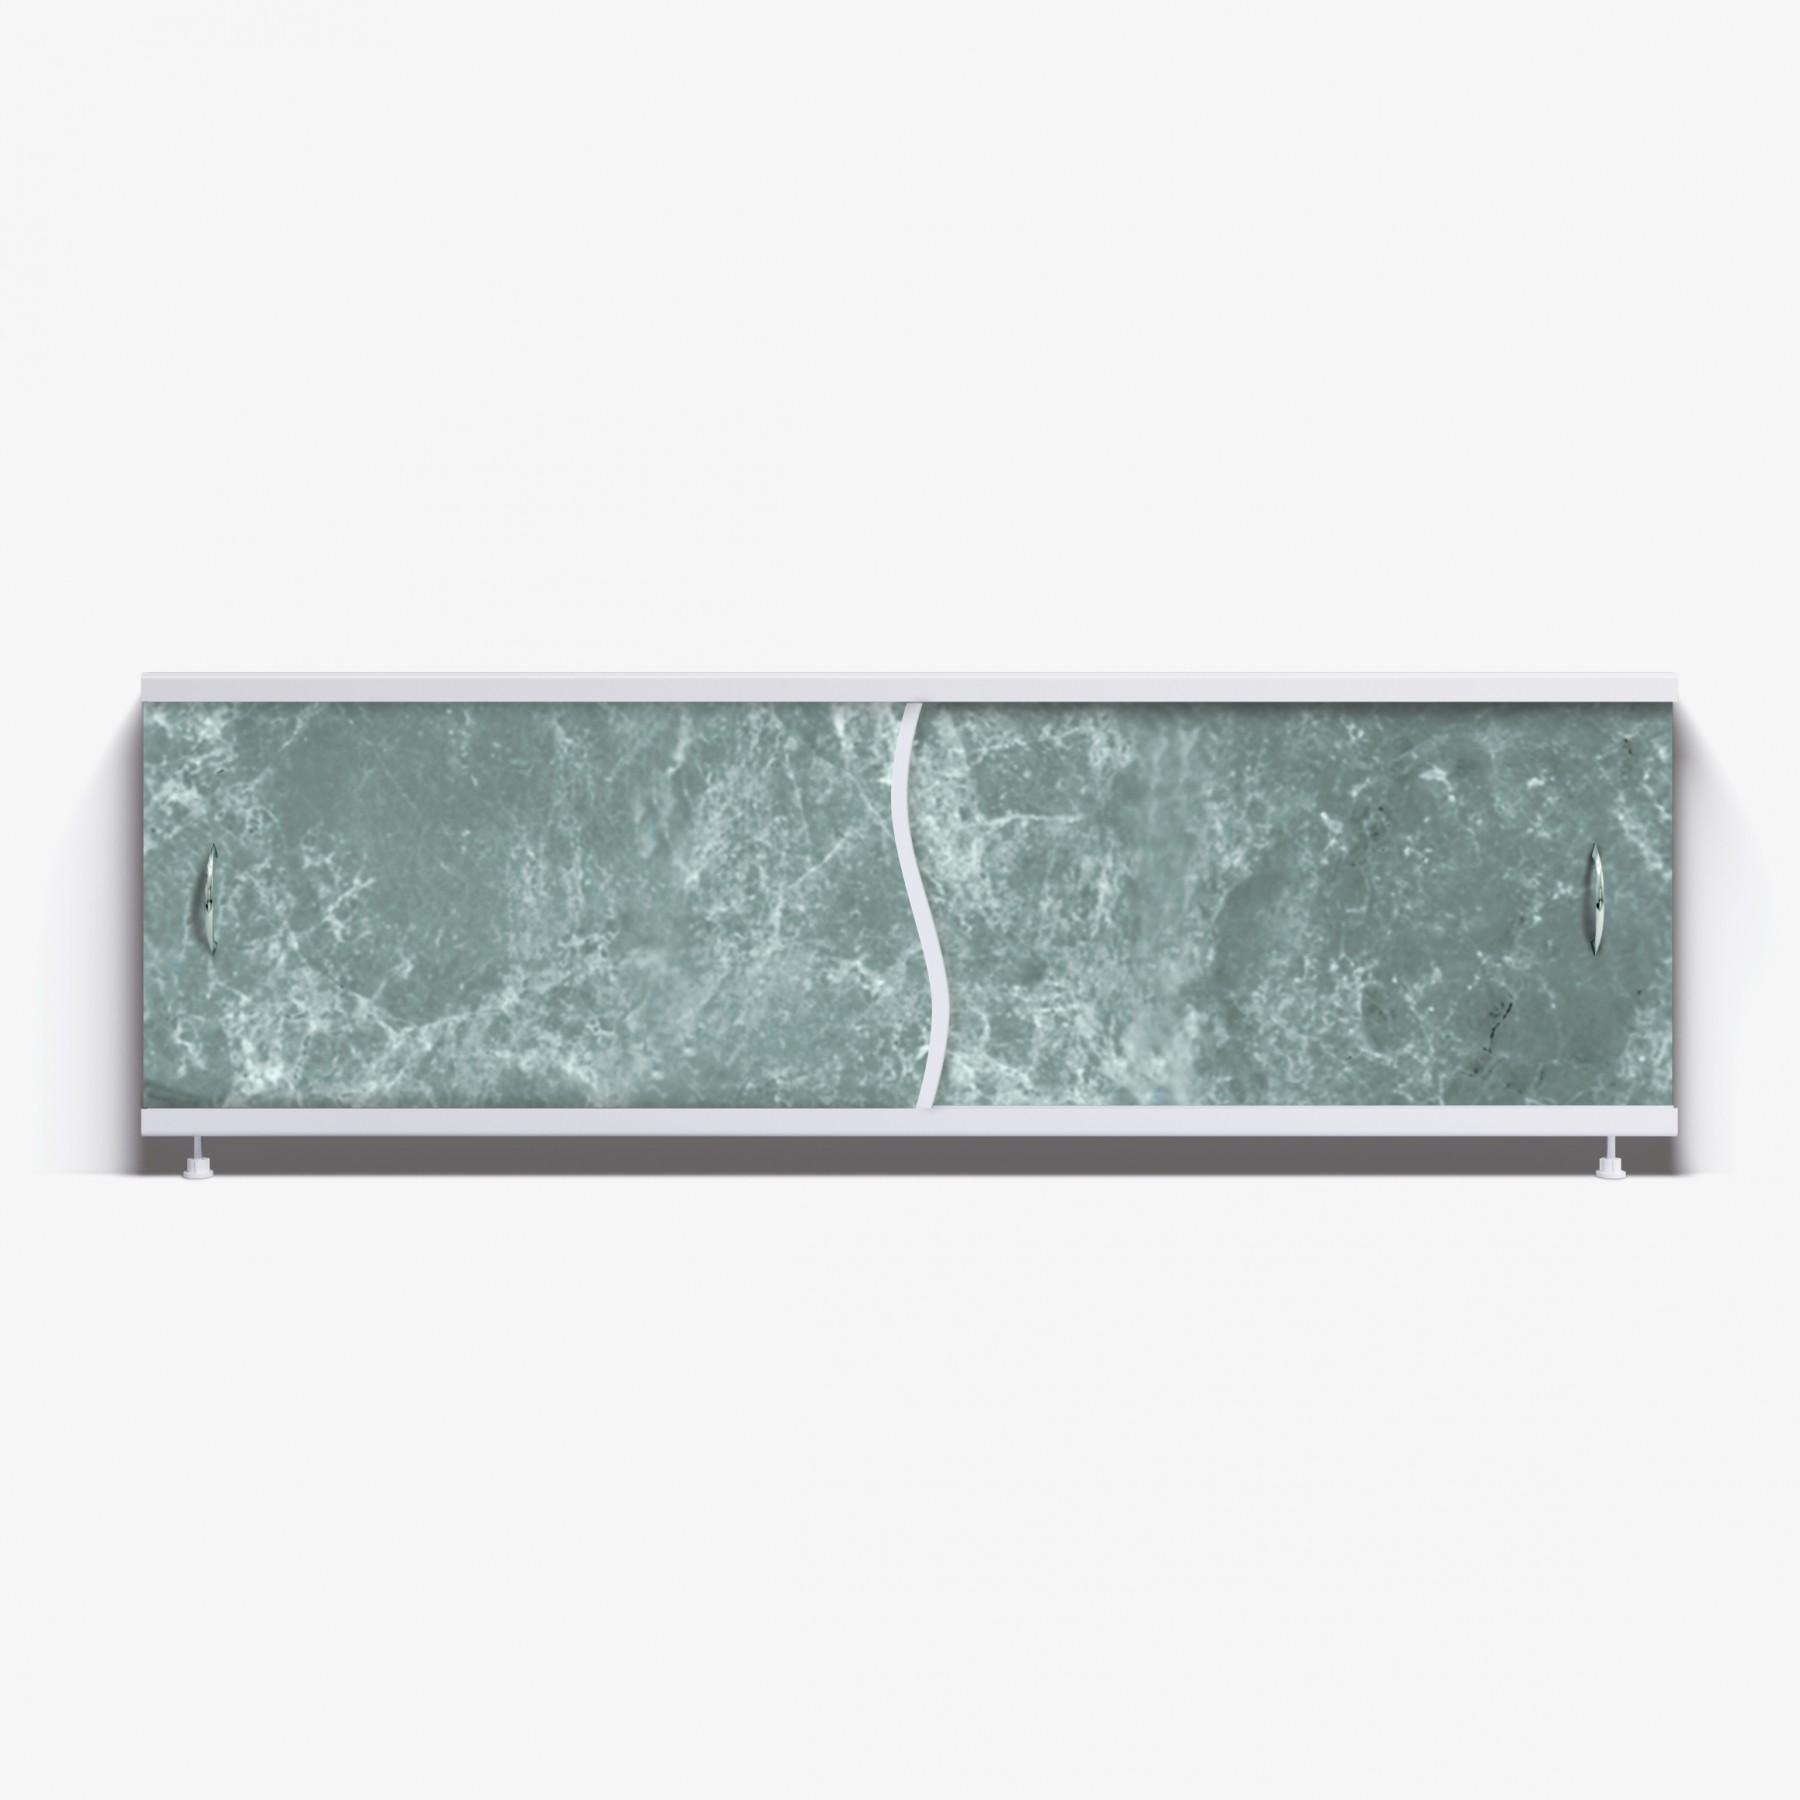 Экран под ванну Премьер 170 темно-зеленый мрамор